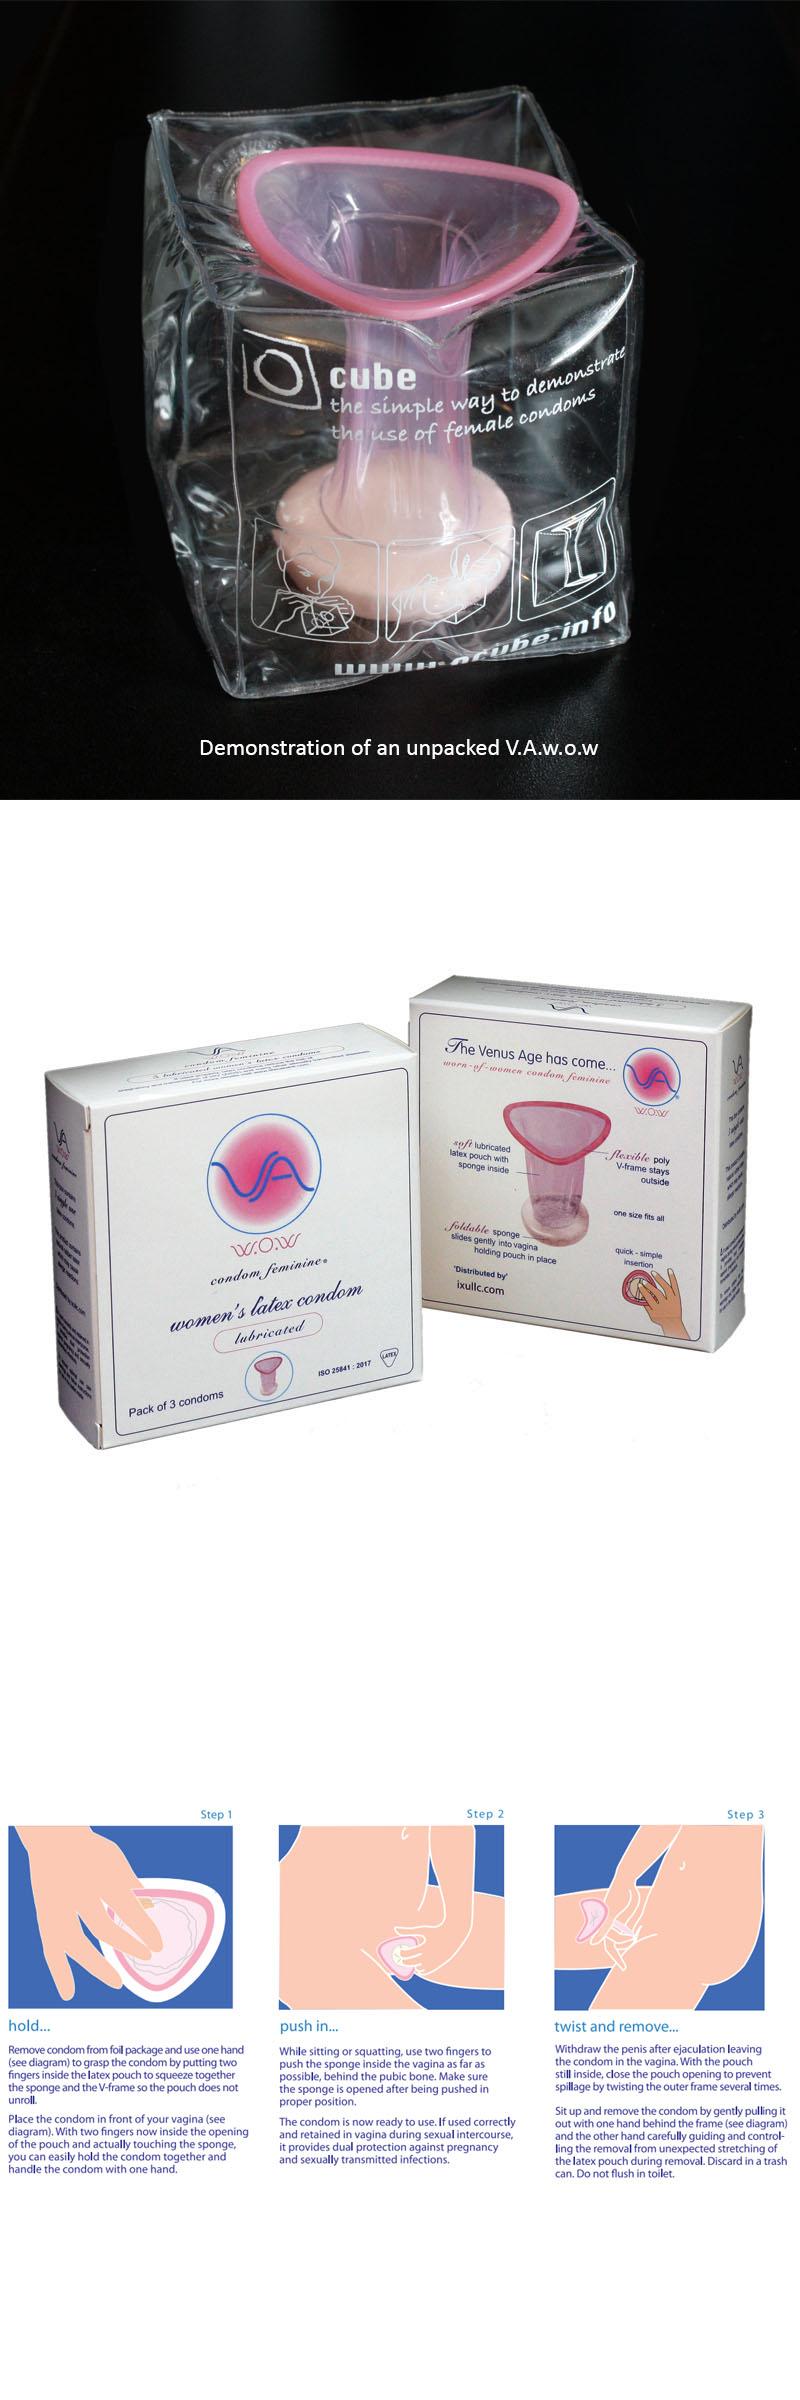 VA WoW Female condom